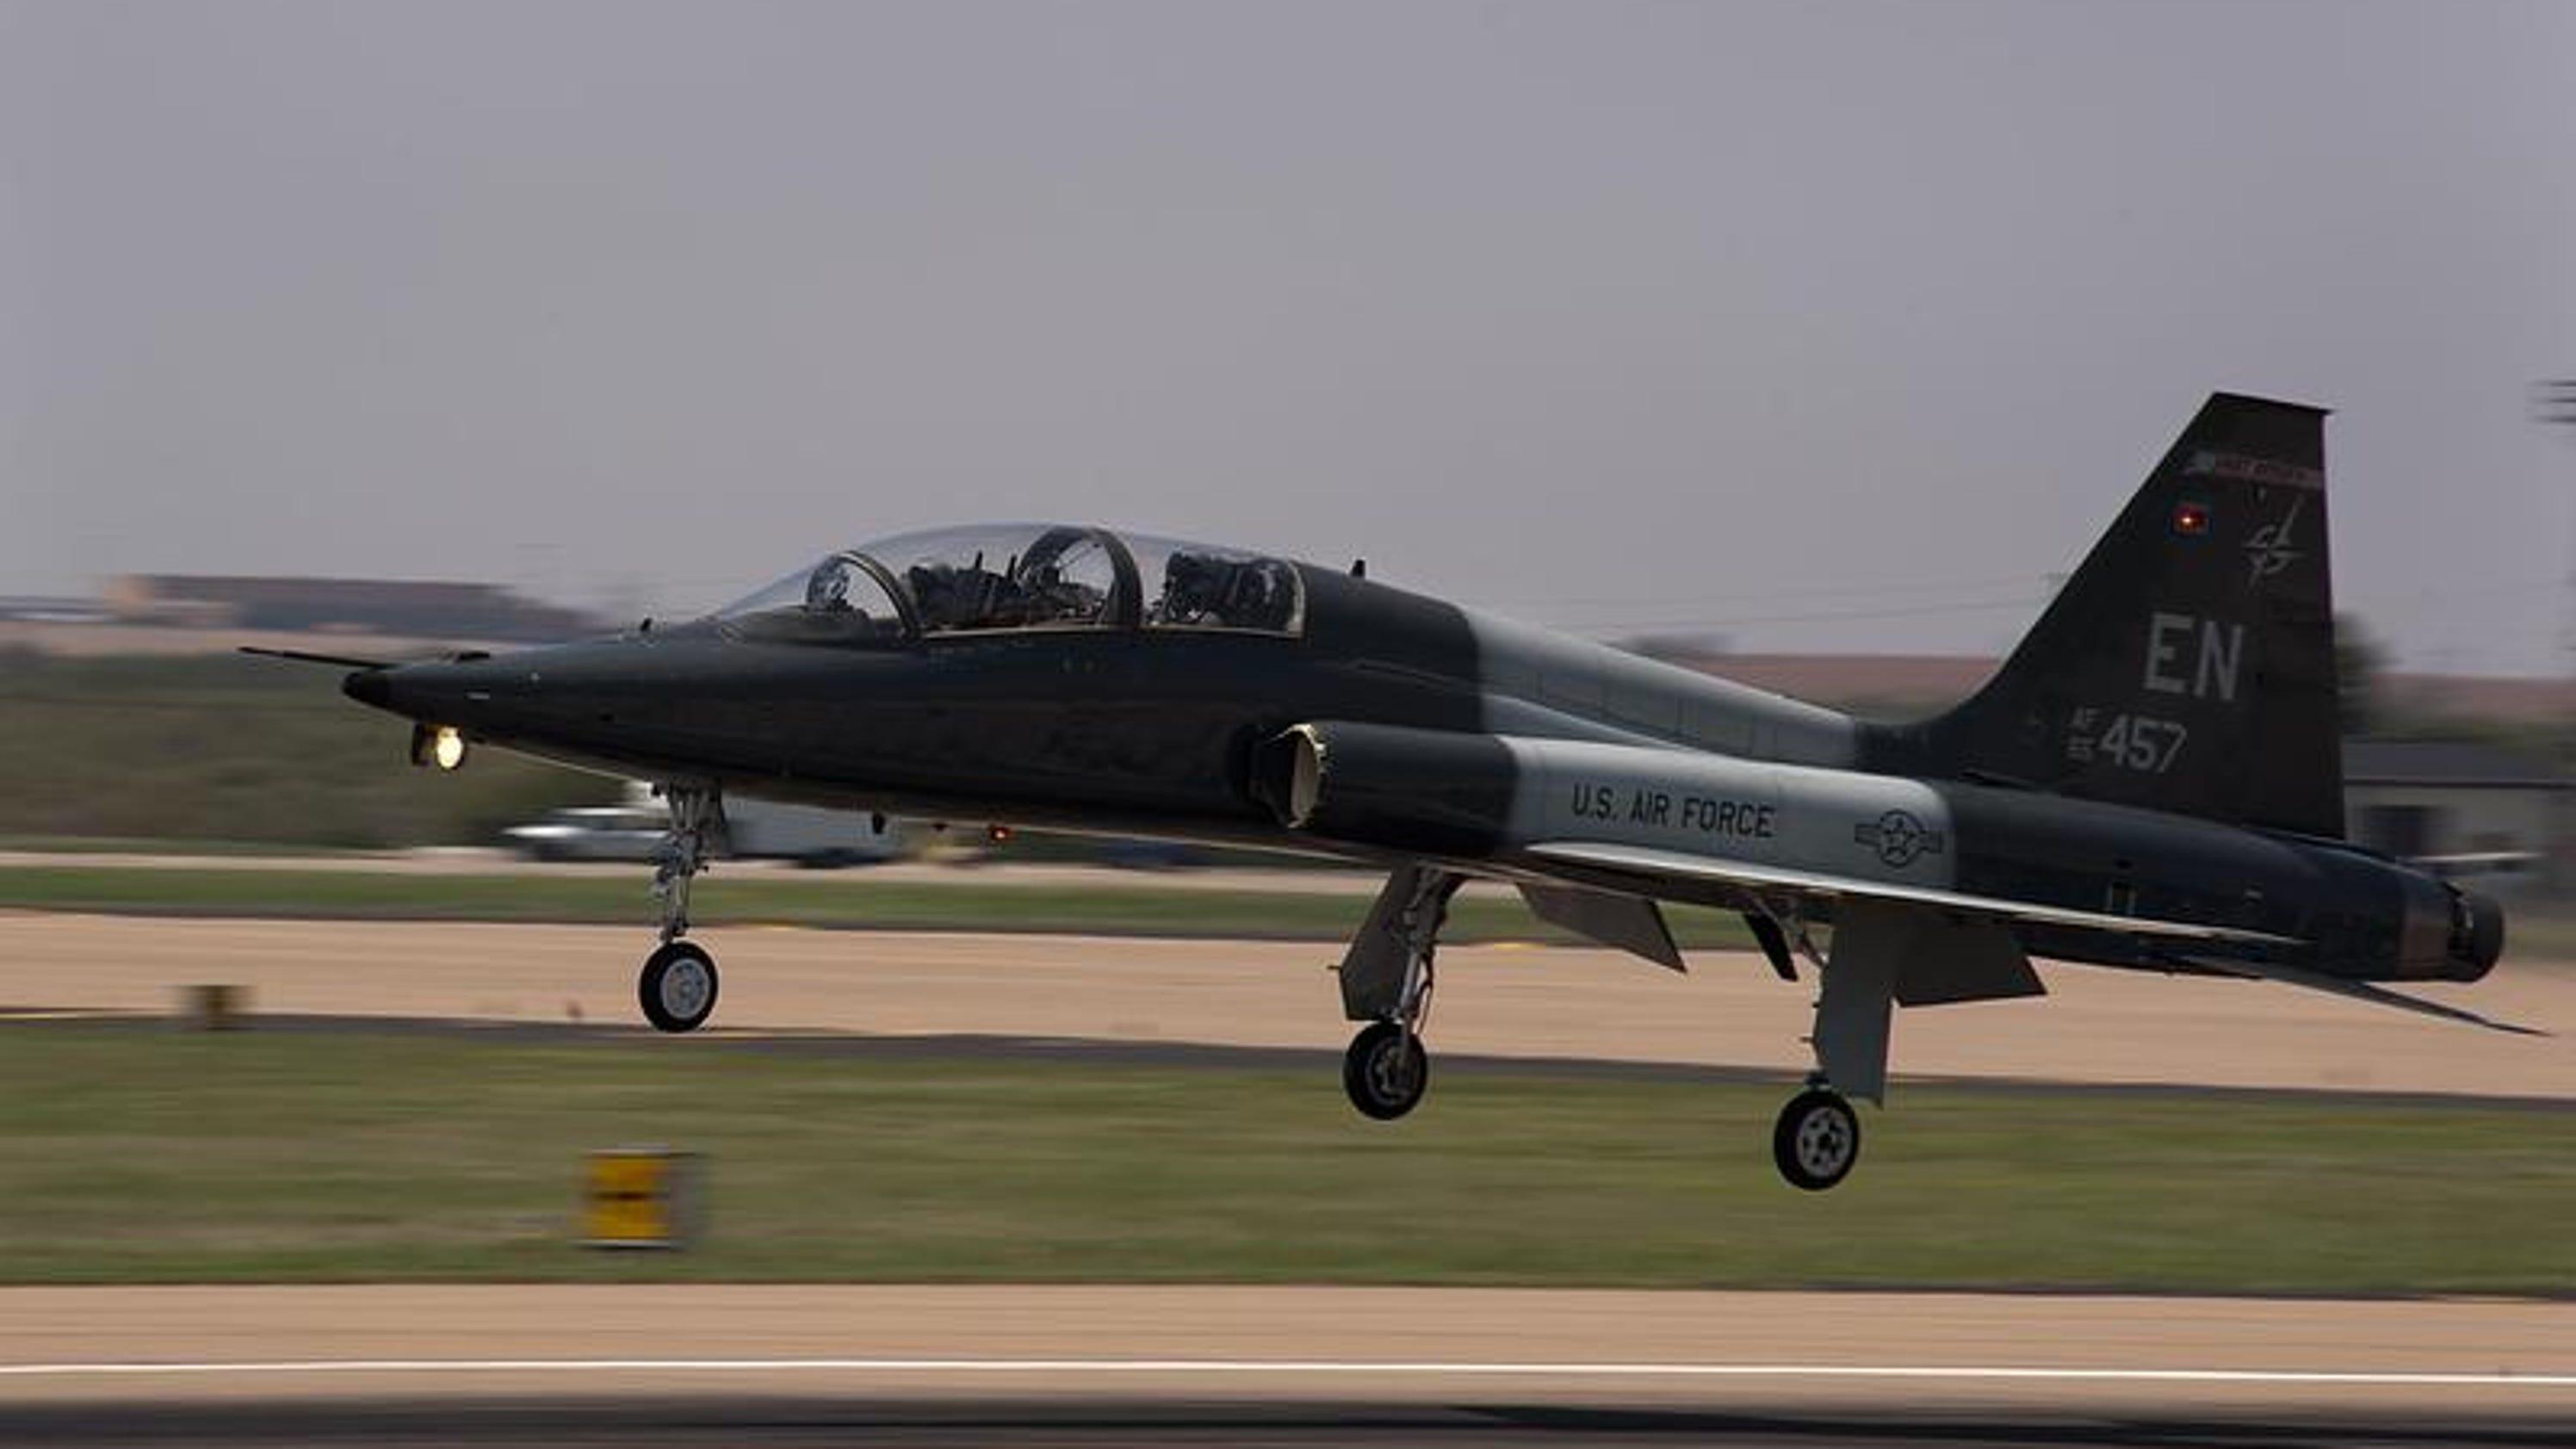 Laughlin Air Force Base jet crashes in Texas  Laughlin Air Fo...